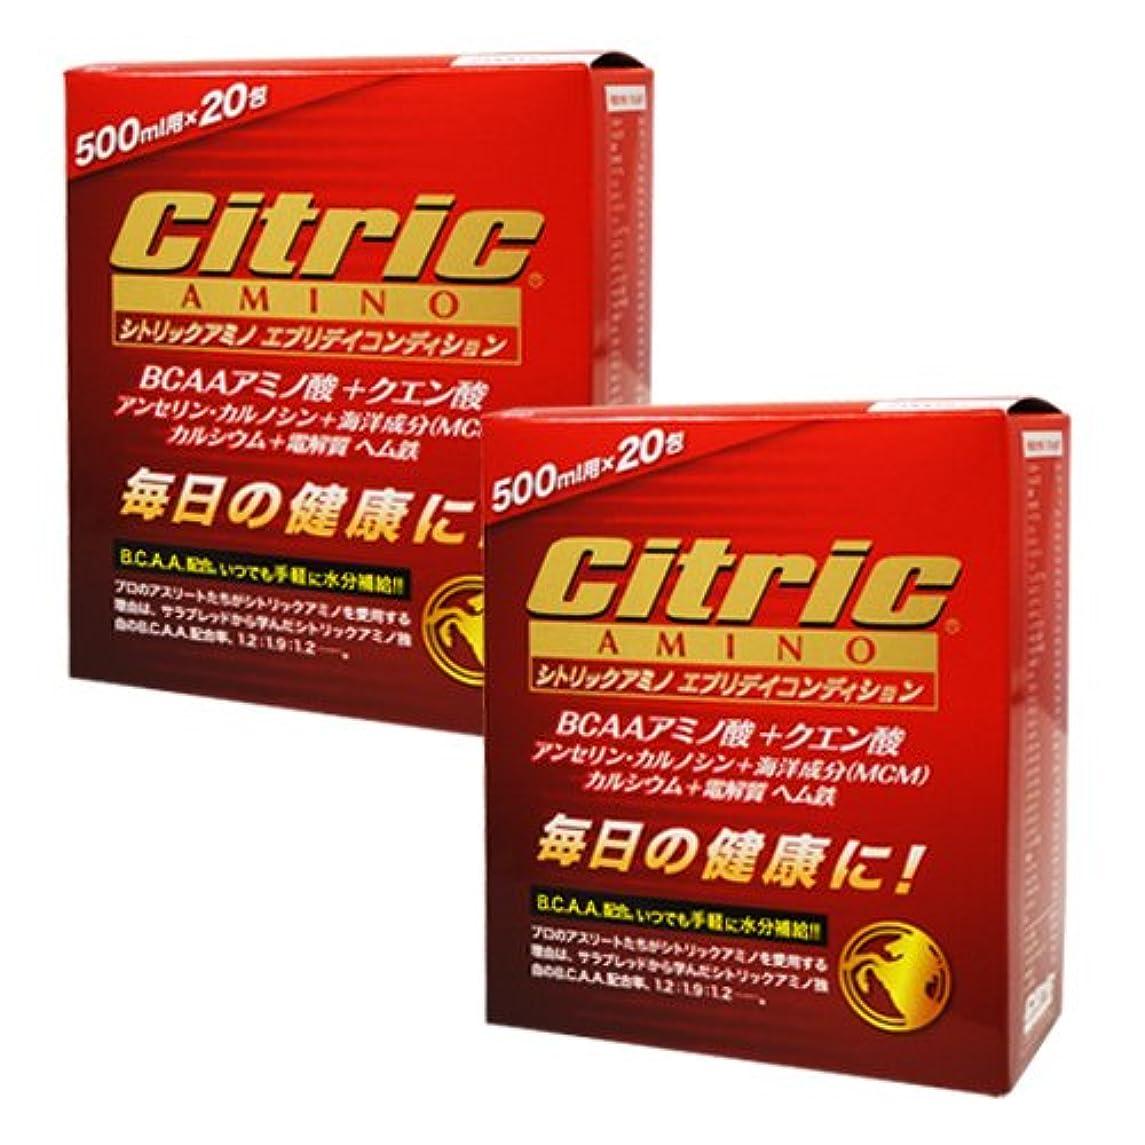 シトリックアミノ エブリデイコンディション 120g(6g×20包)×2箱